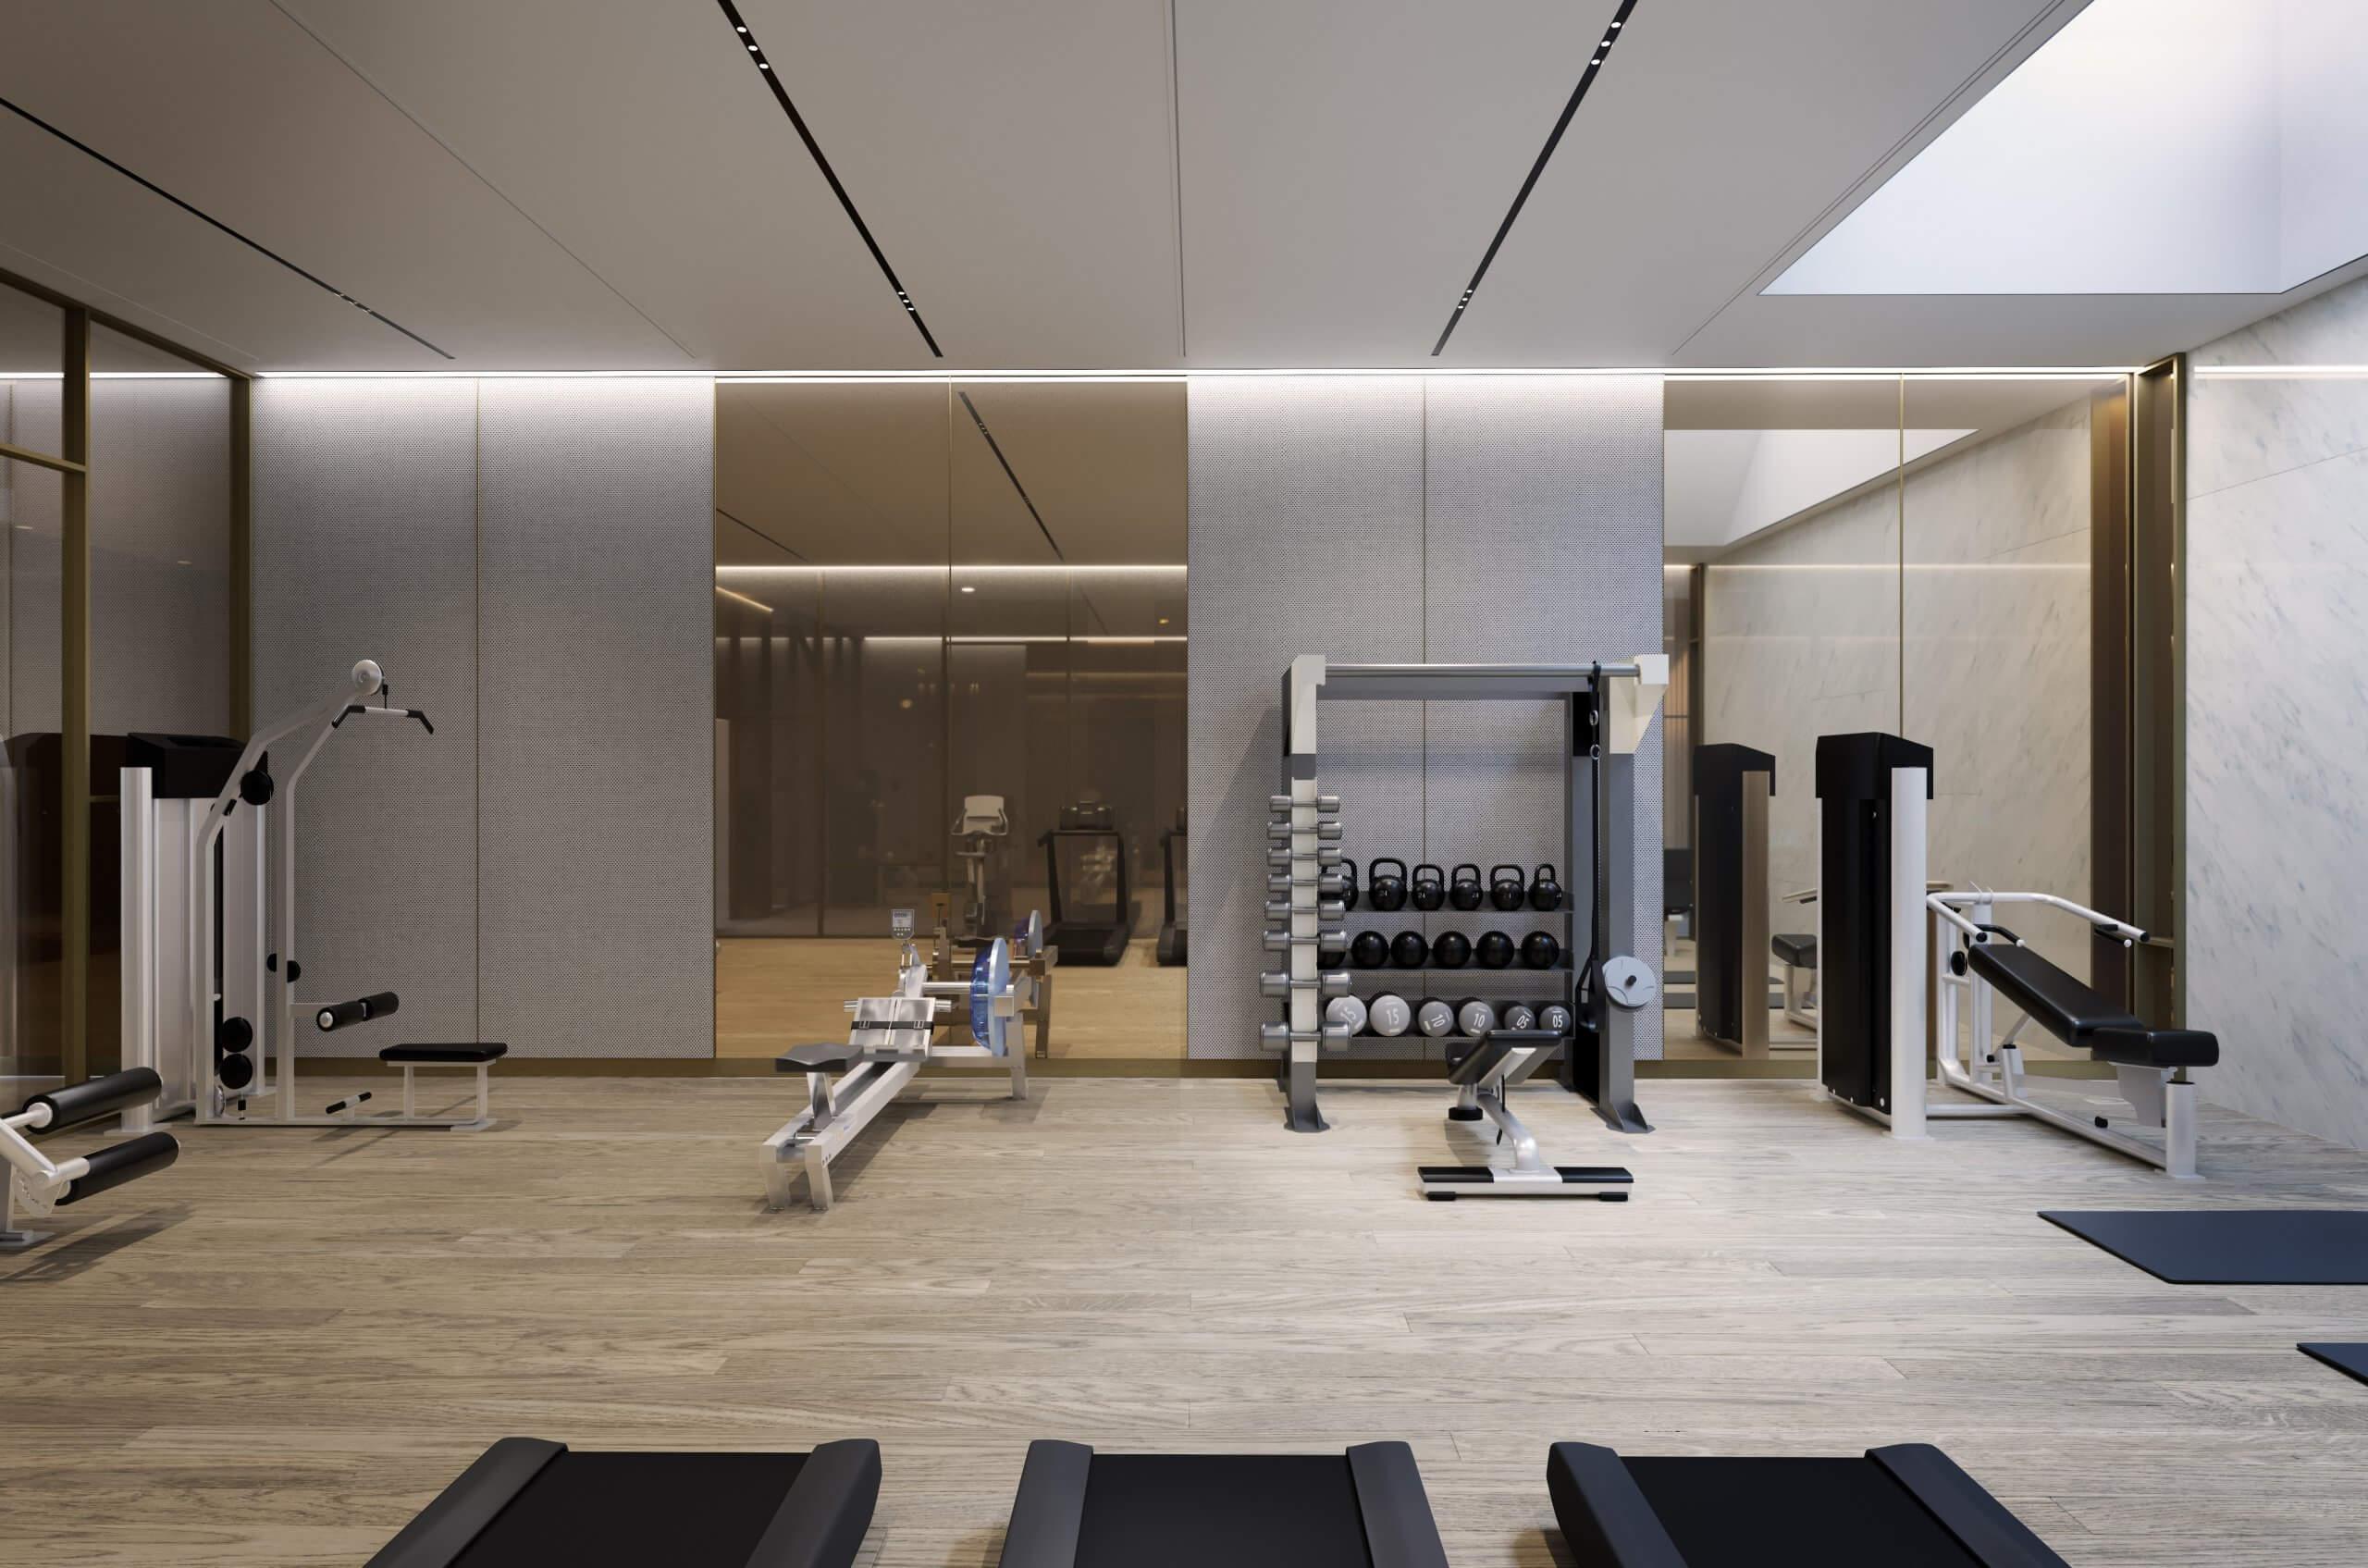 KU001_13_03_Fitness_Centre_v06